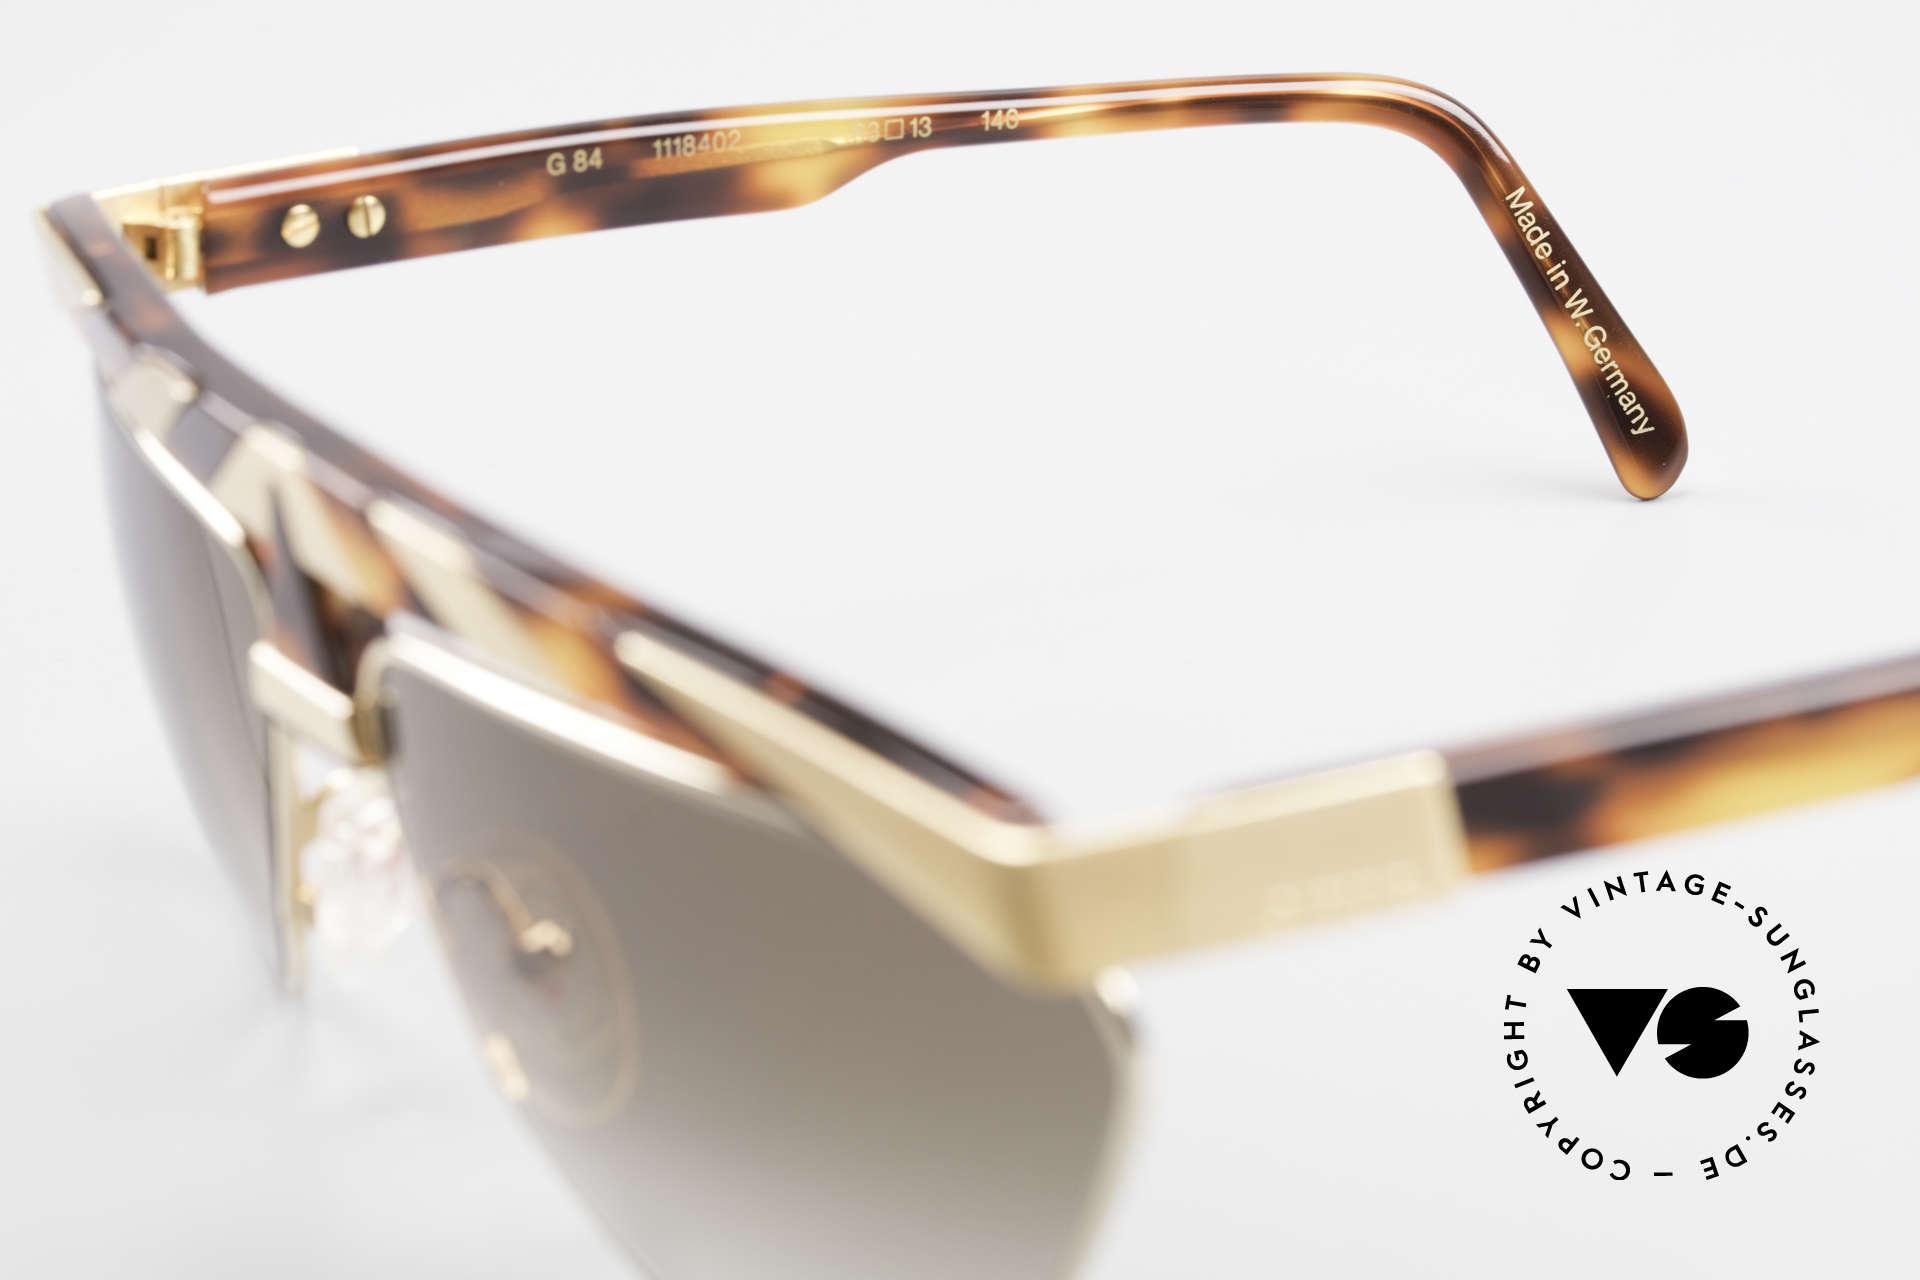 Alpina G84 Vergoldete 80er Sonnenbrille, KEINE RETROMODE; sondern ein altes 80er ORIGINAL, Passend für Herren und Damen